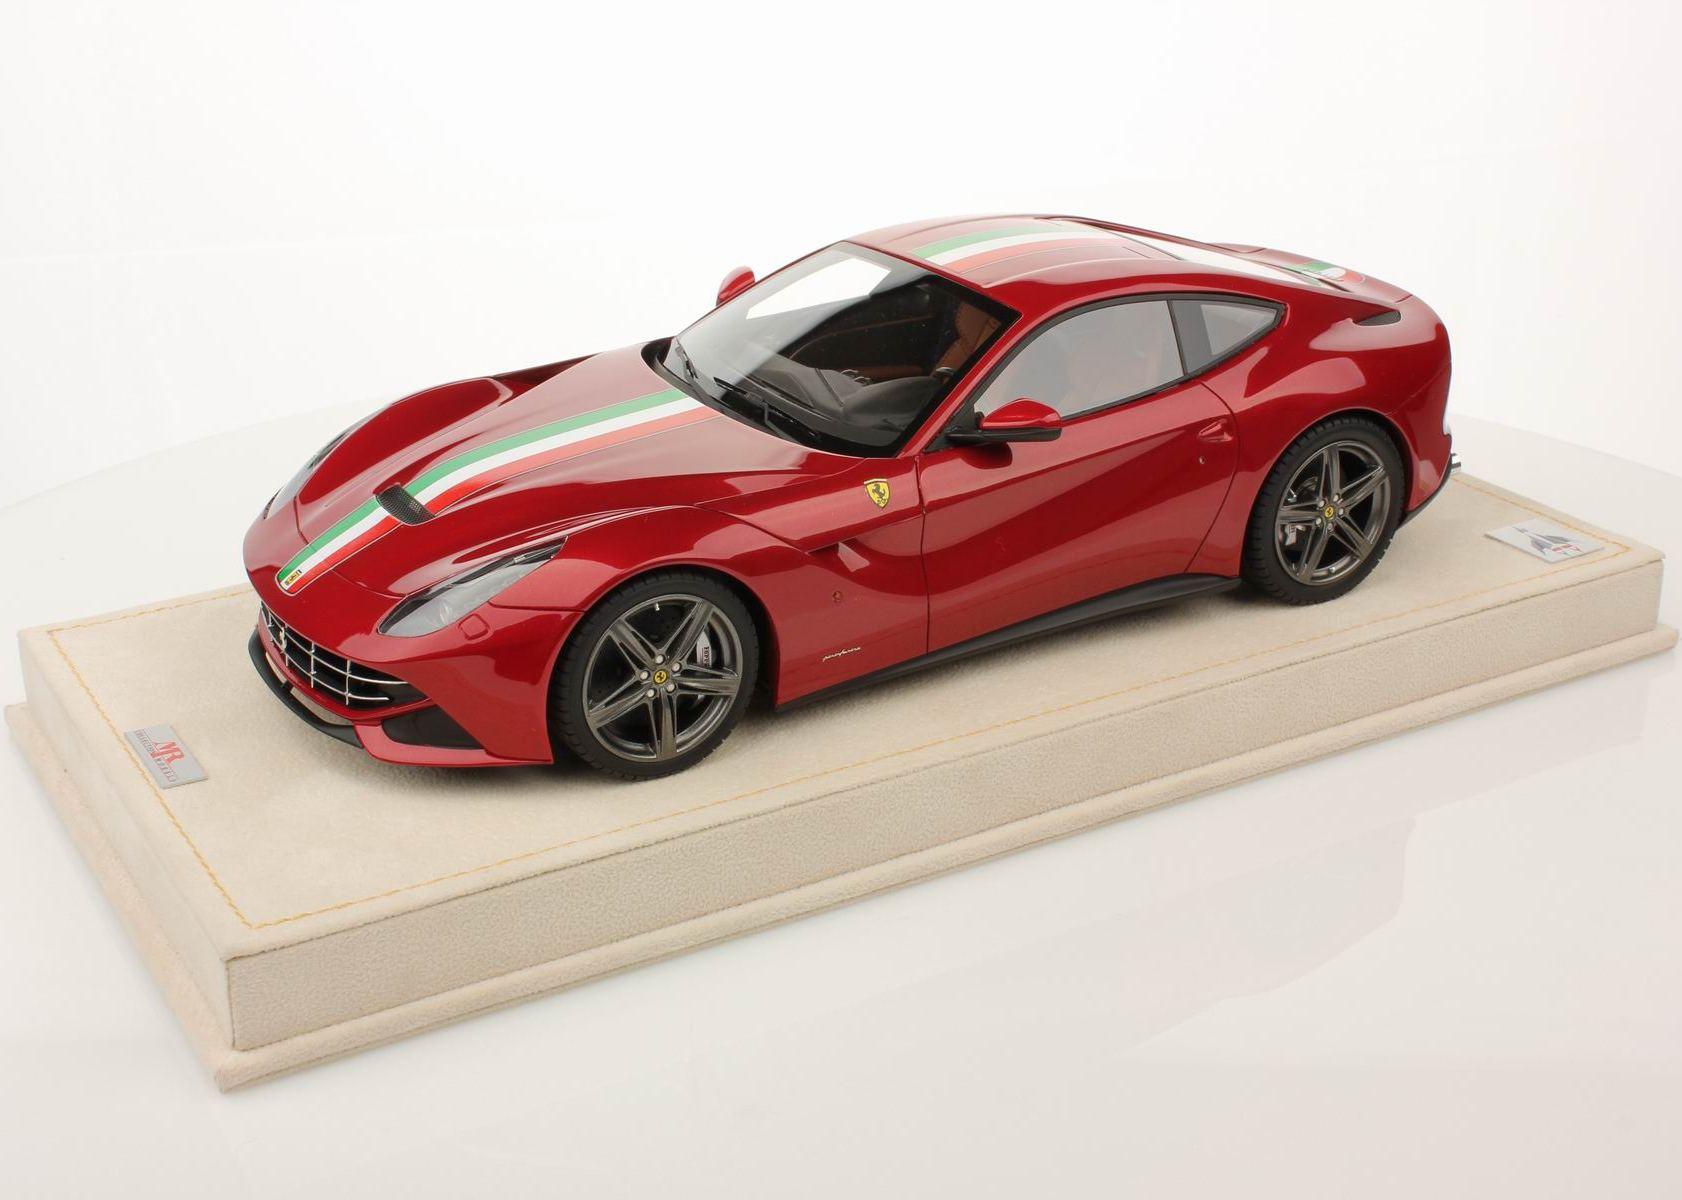 2015 Ferrari 458 Speciale >> Ferrari F12 Berlinetta 1:18 | MR Collection Models